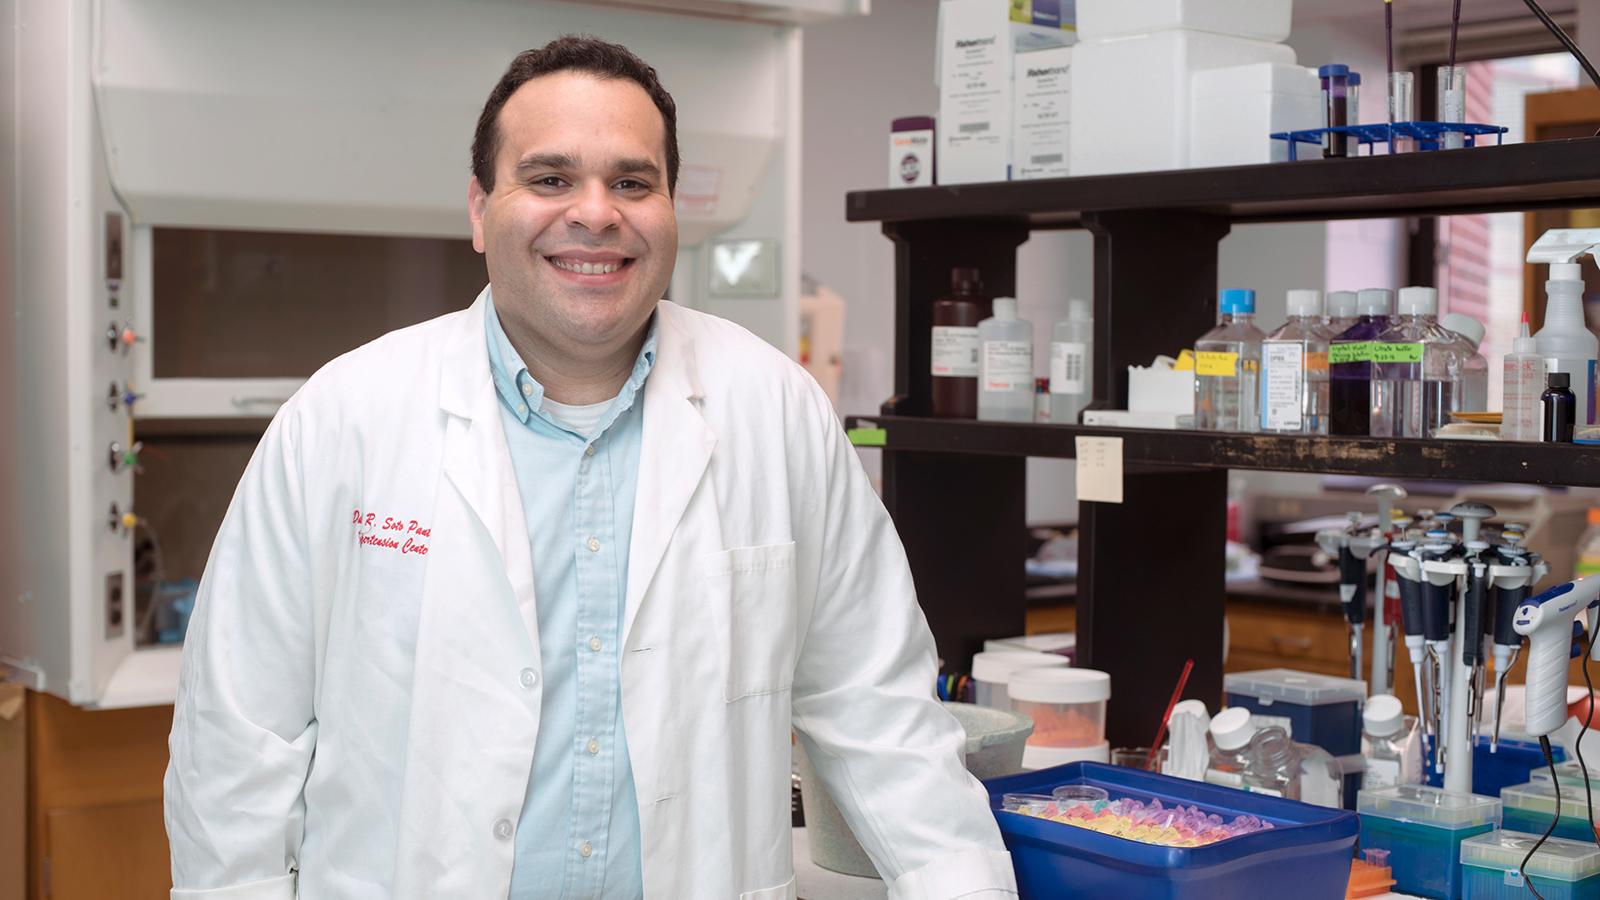 David Soto-Pantoja, PhD